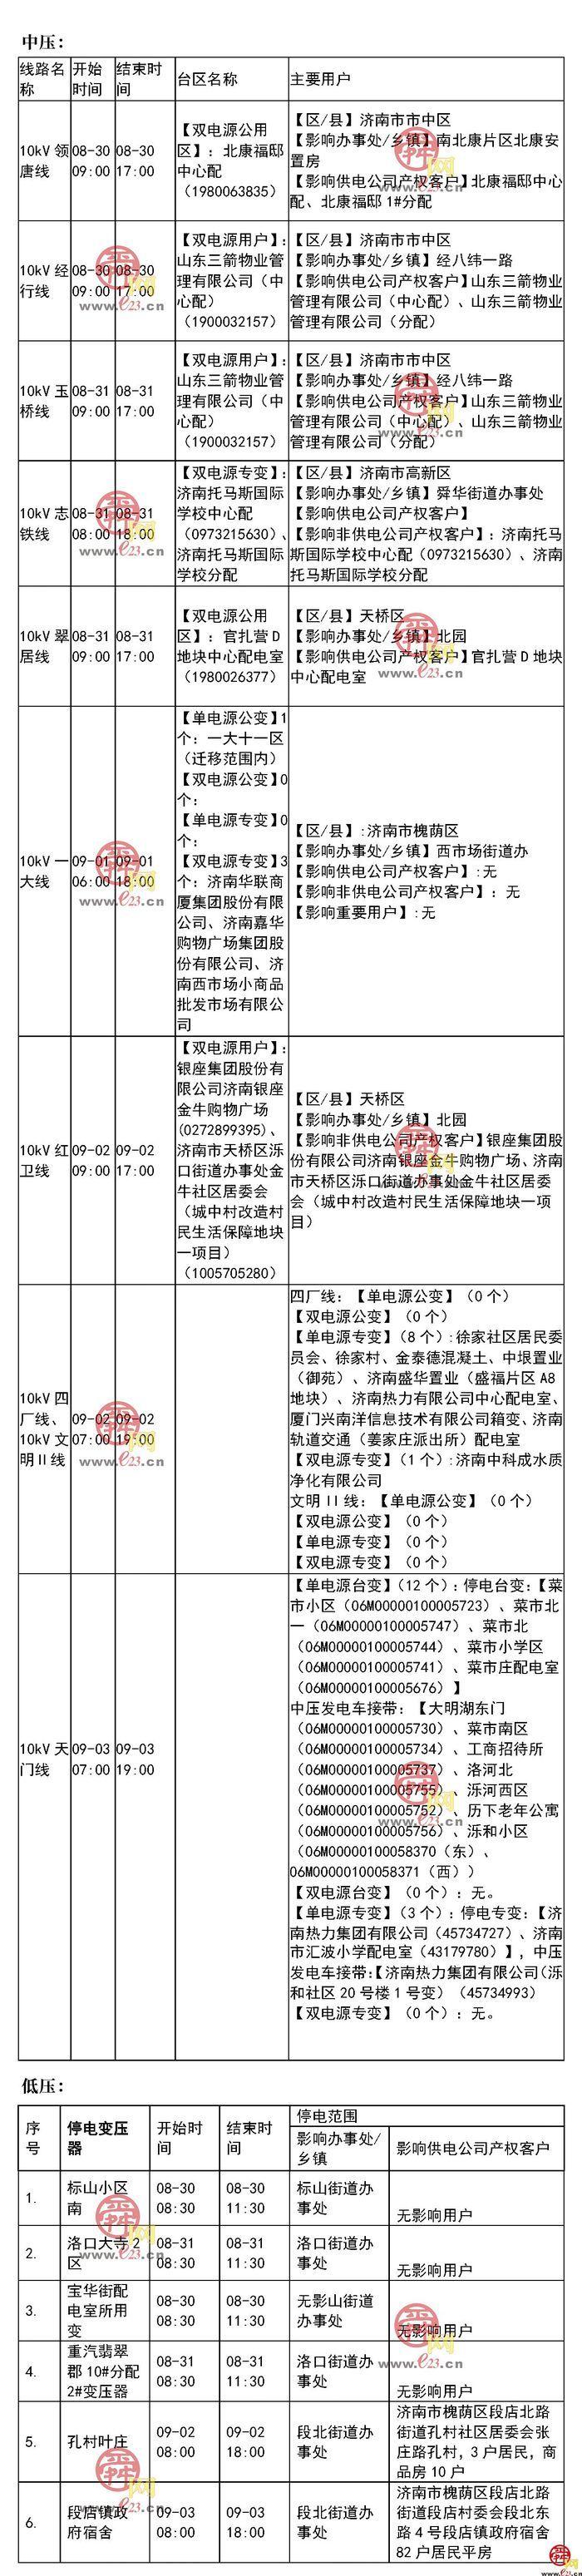 2021年8月30至9月5日济南部分区域电力设备检修通知